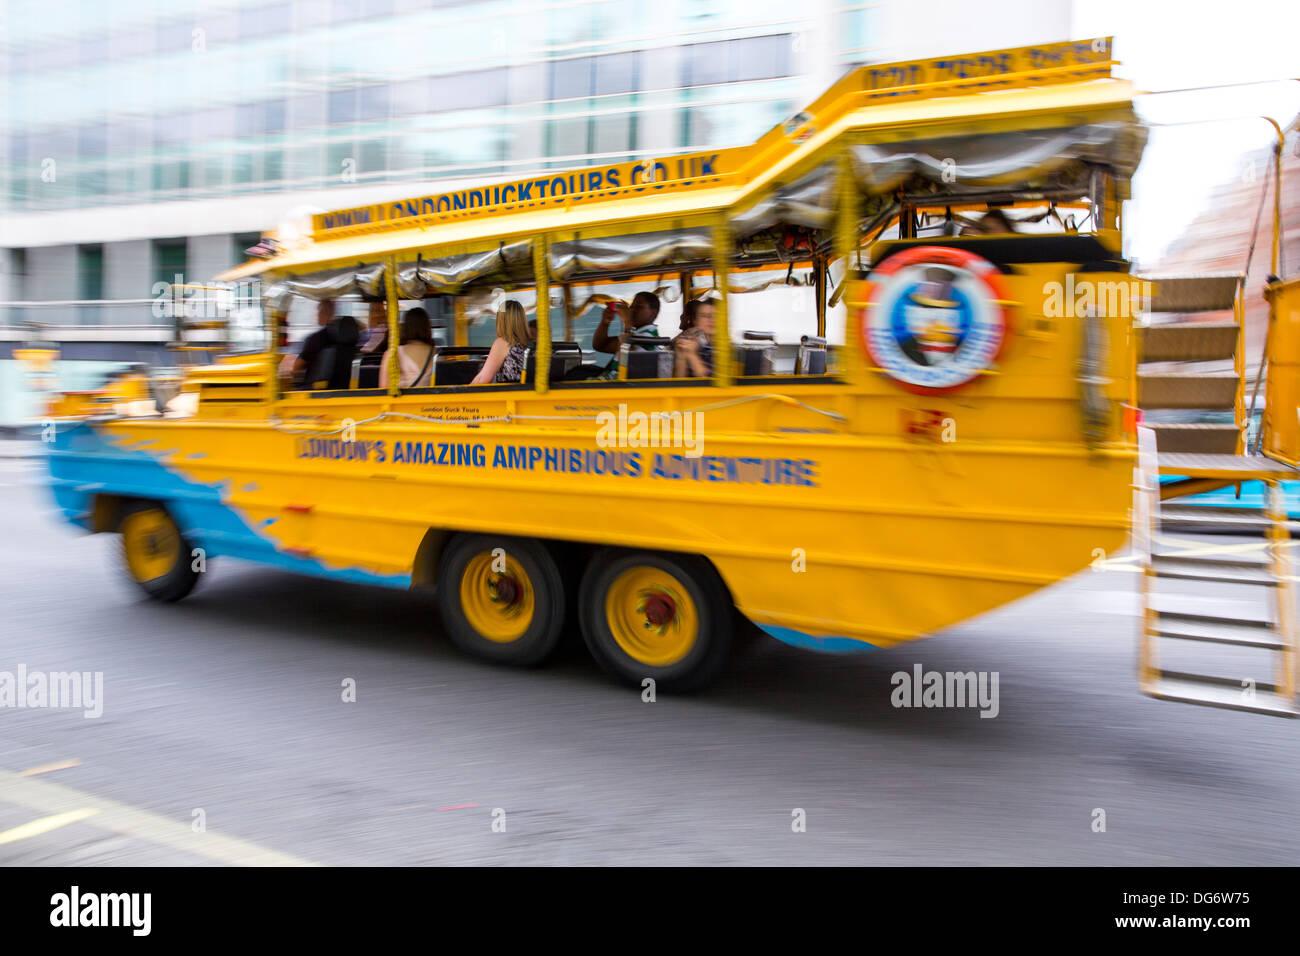 LONDON DUCK TOURS amphibious vessel - Stock Image